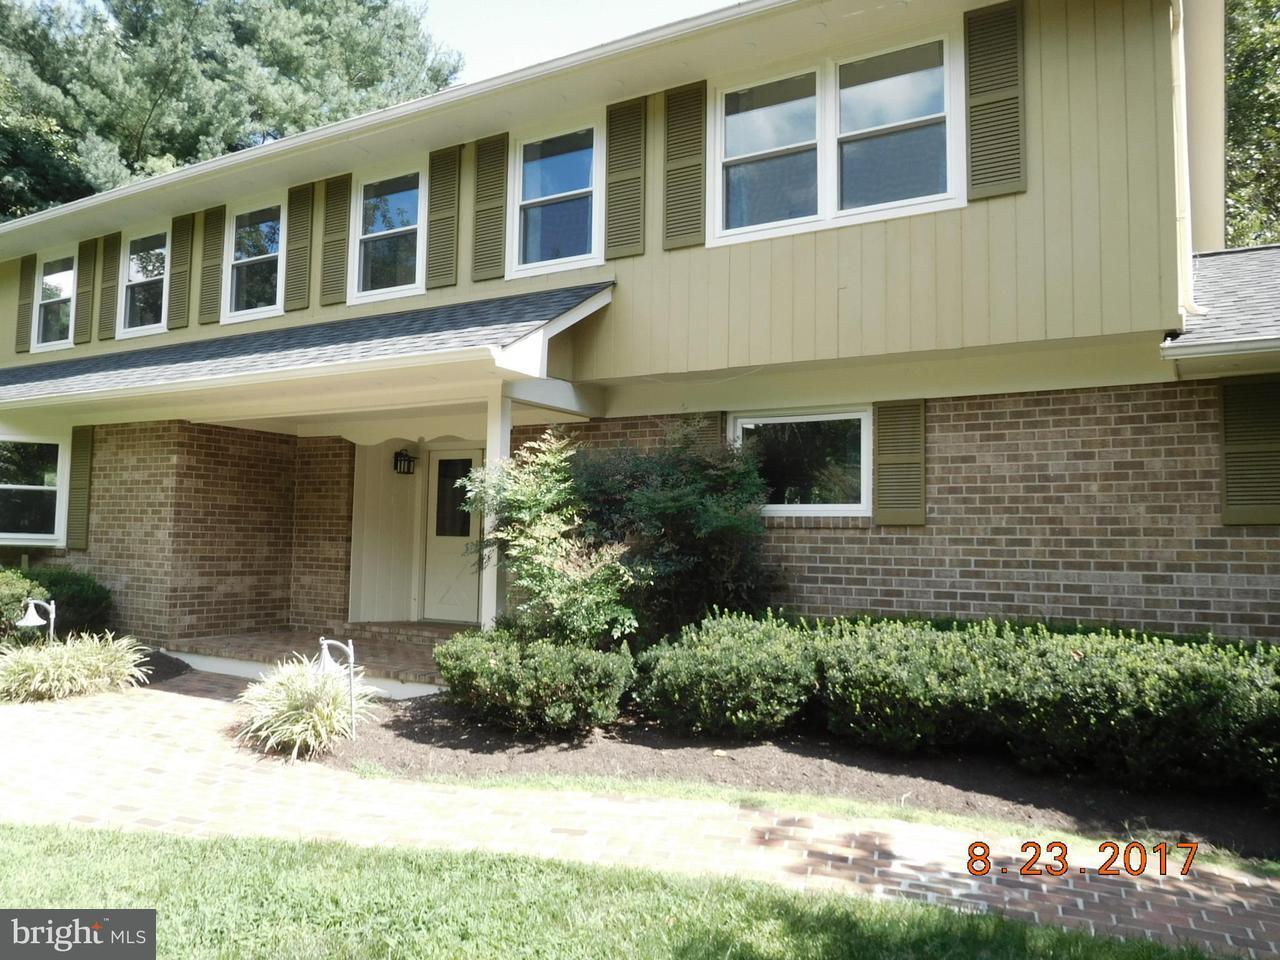 一戸建て のために 売買 アット 710 BRIGHTON KNOLLS Drive 710 BRIGHTON KNOLLS Drive Brinklow, メリーランド 20862 アメリカ合衆国